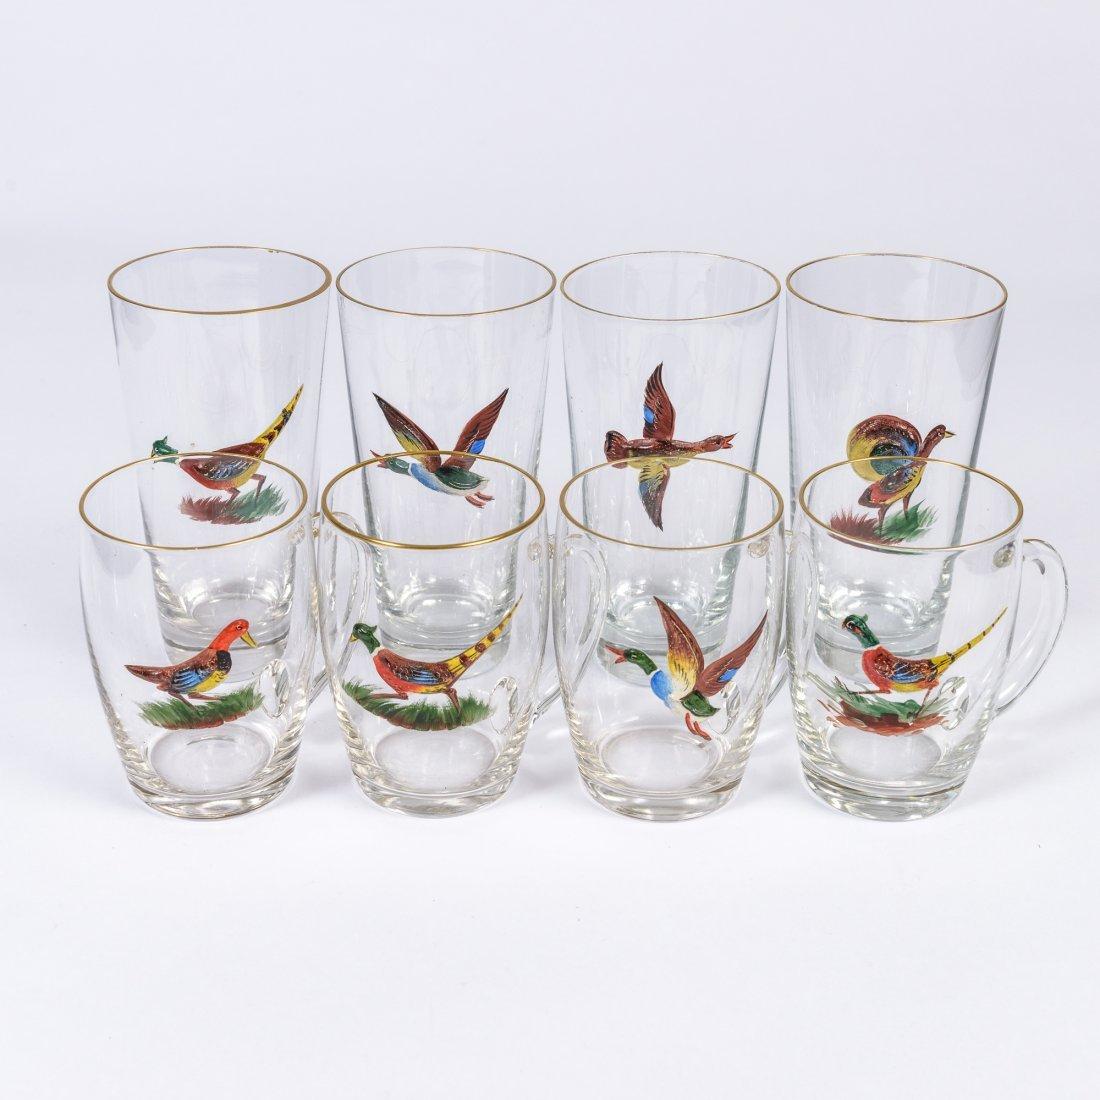 Twelve Pieces of Game Bird Decorated Drinkware,